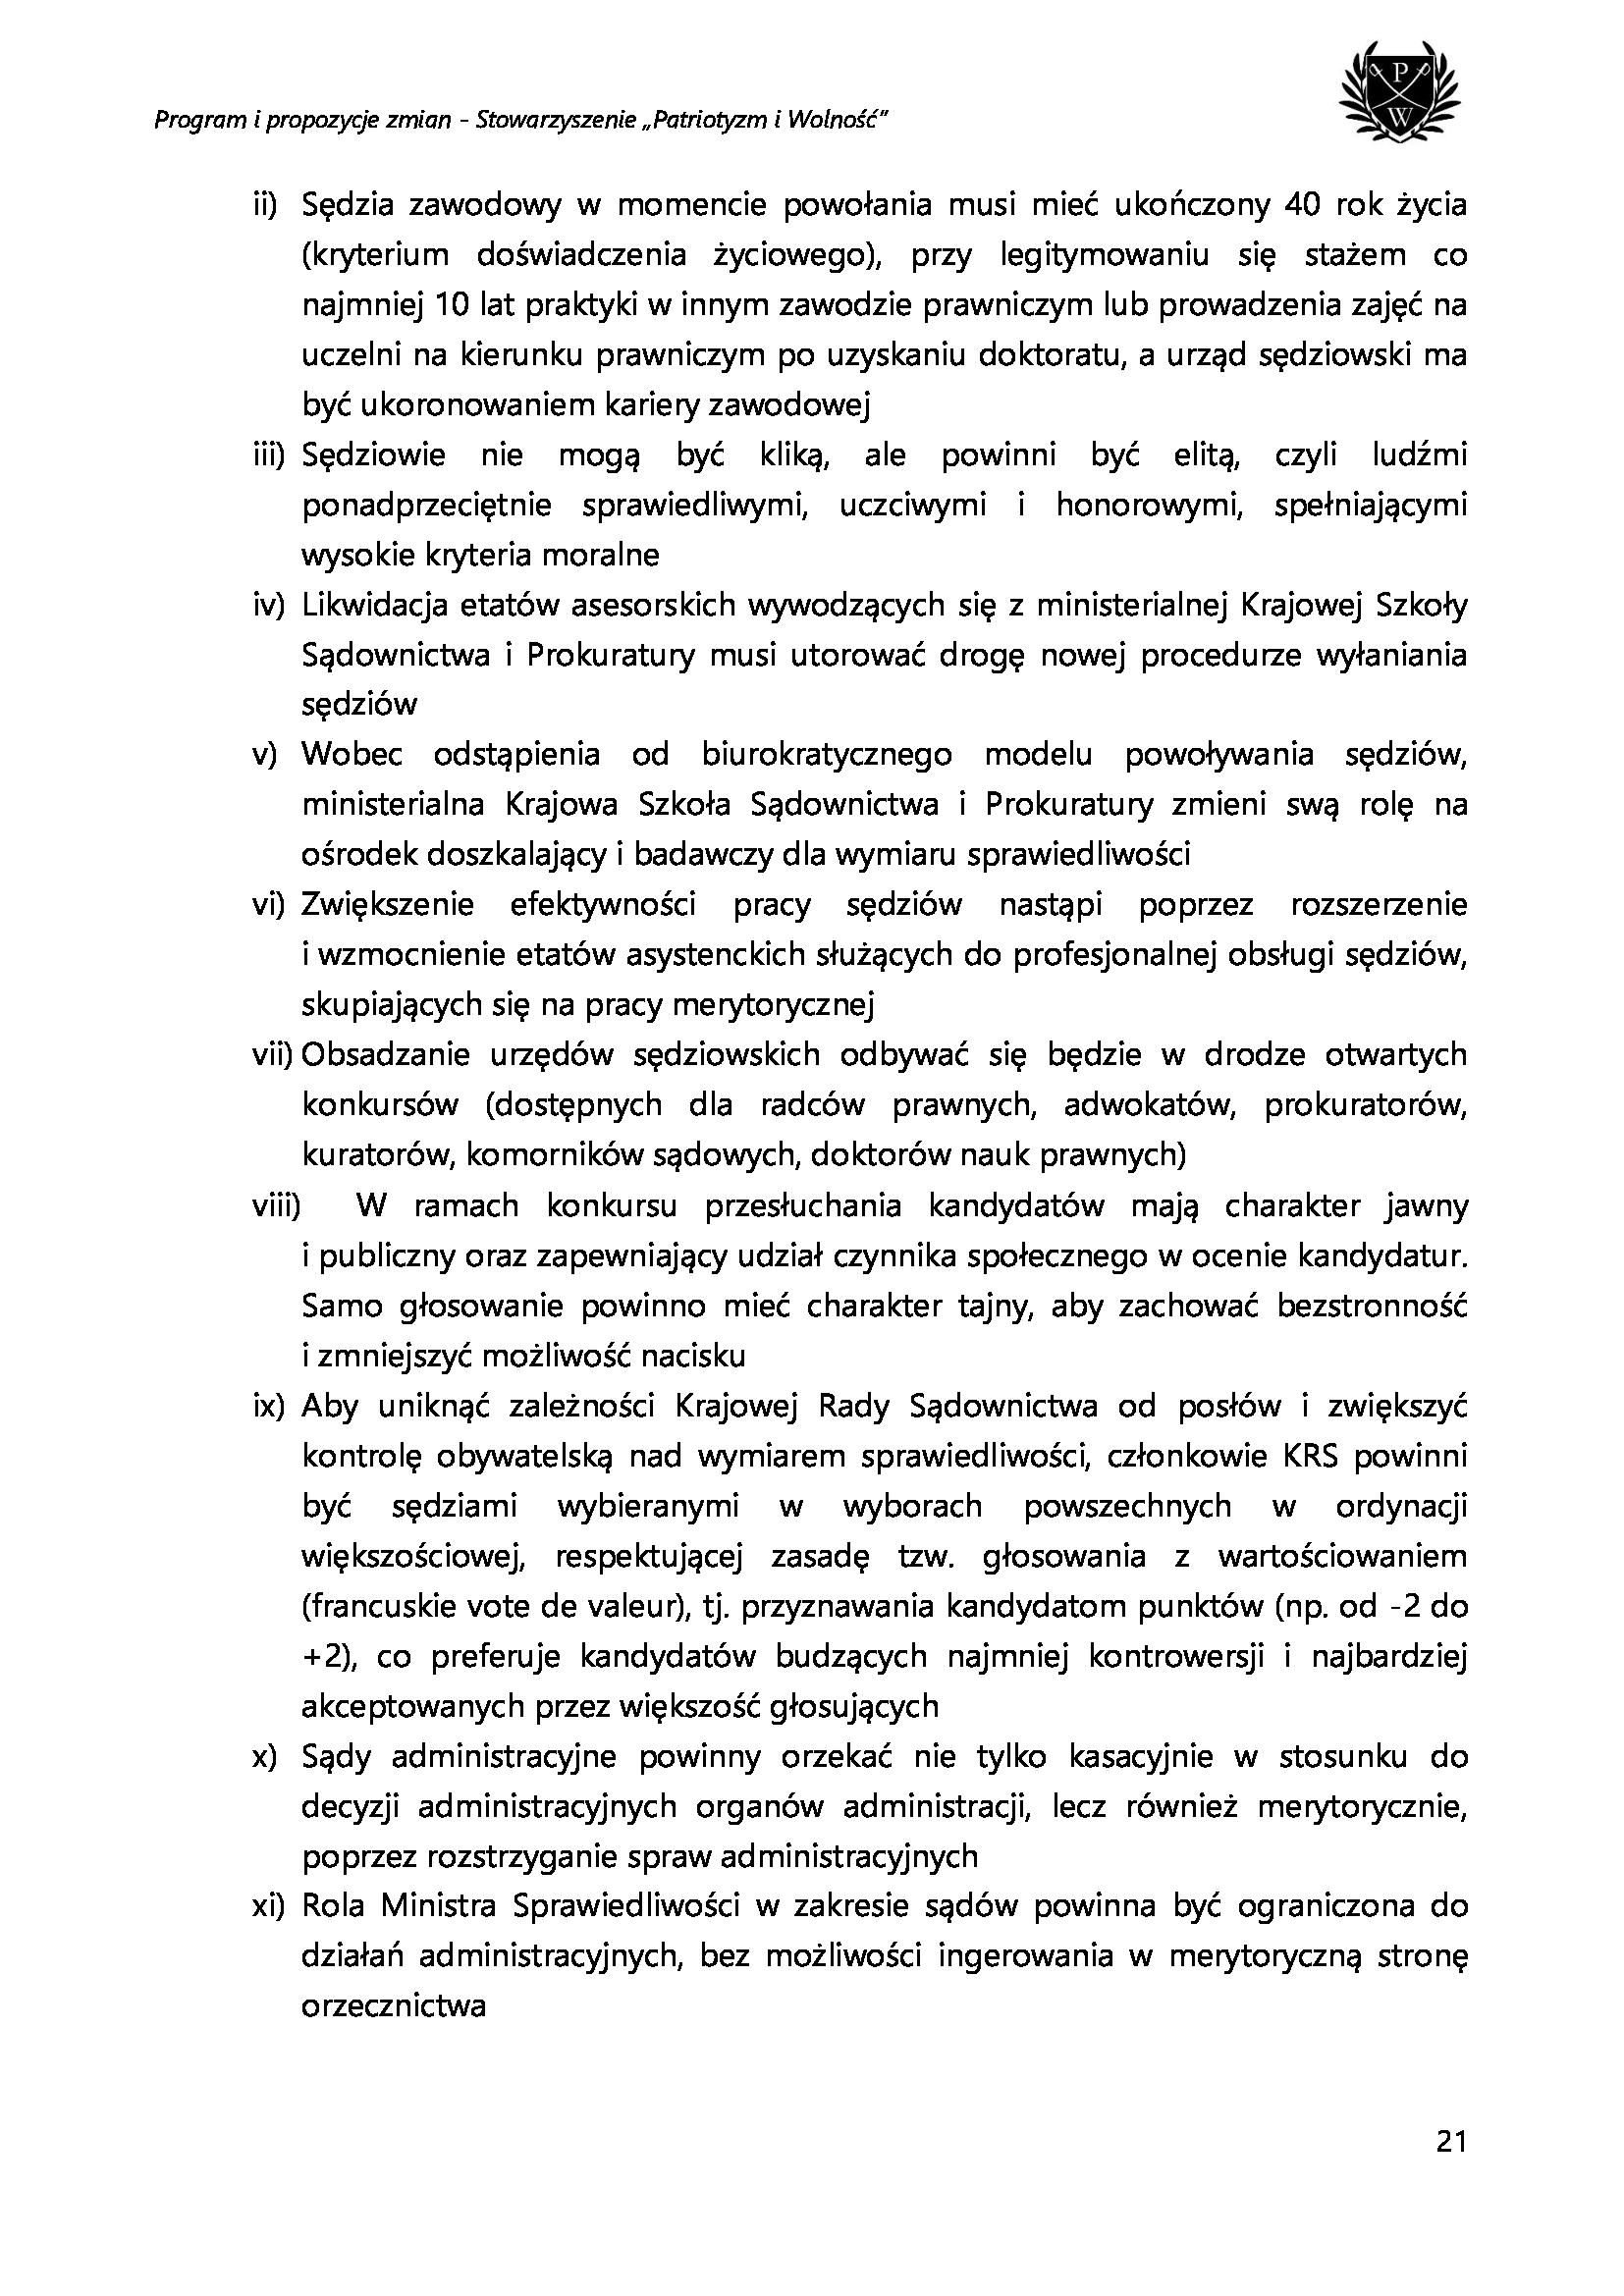 db9e272ef5a9a2e66d26f1905be6c507-21